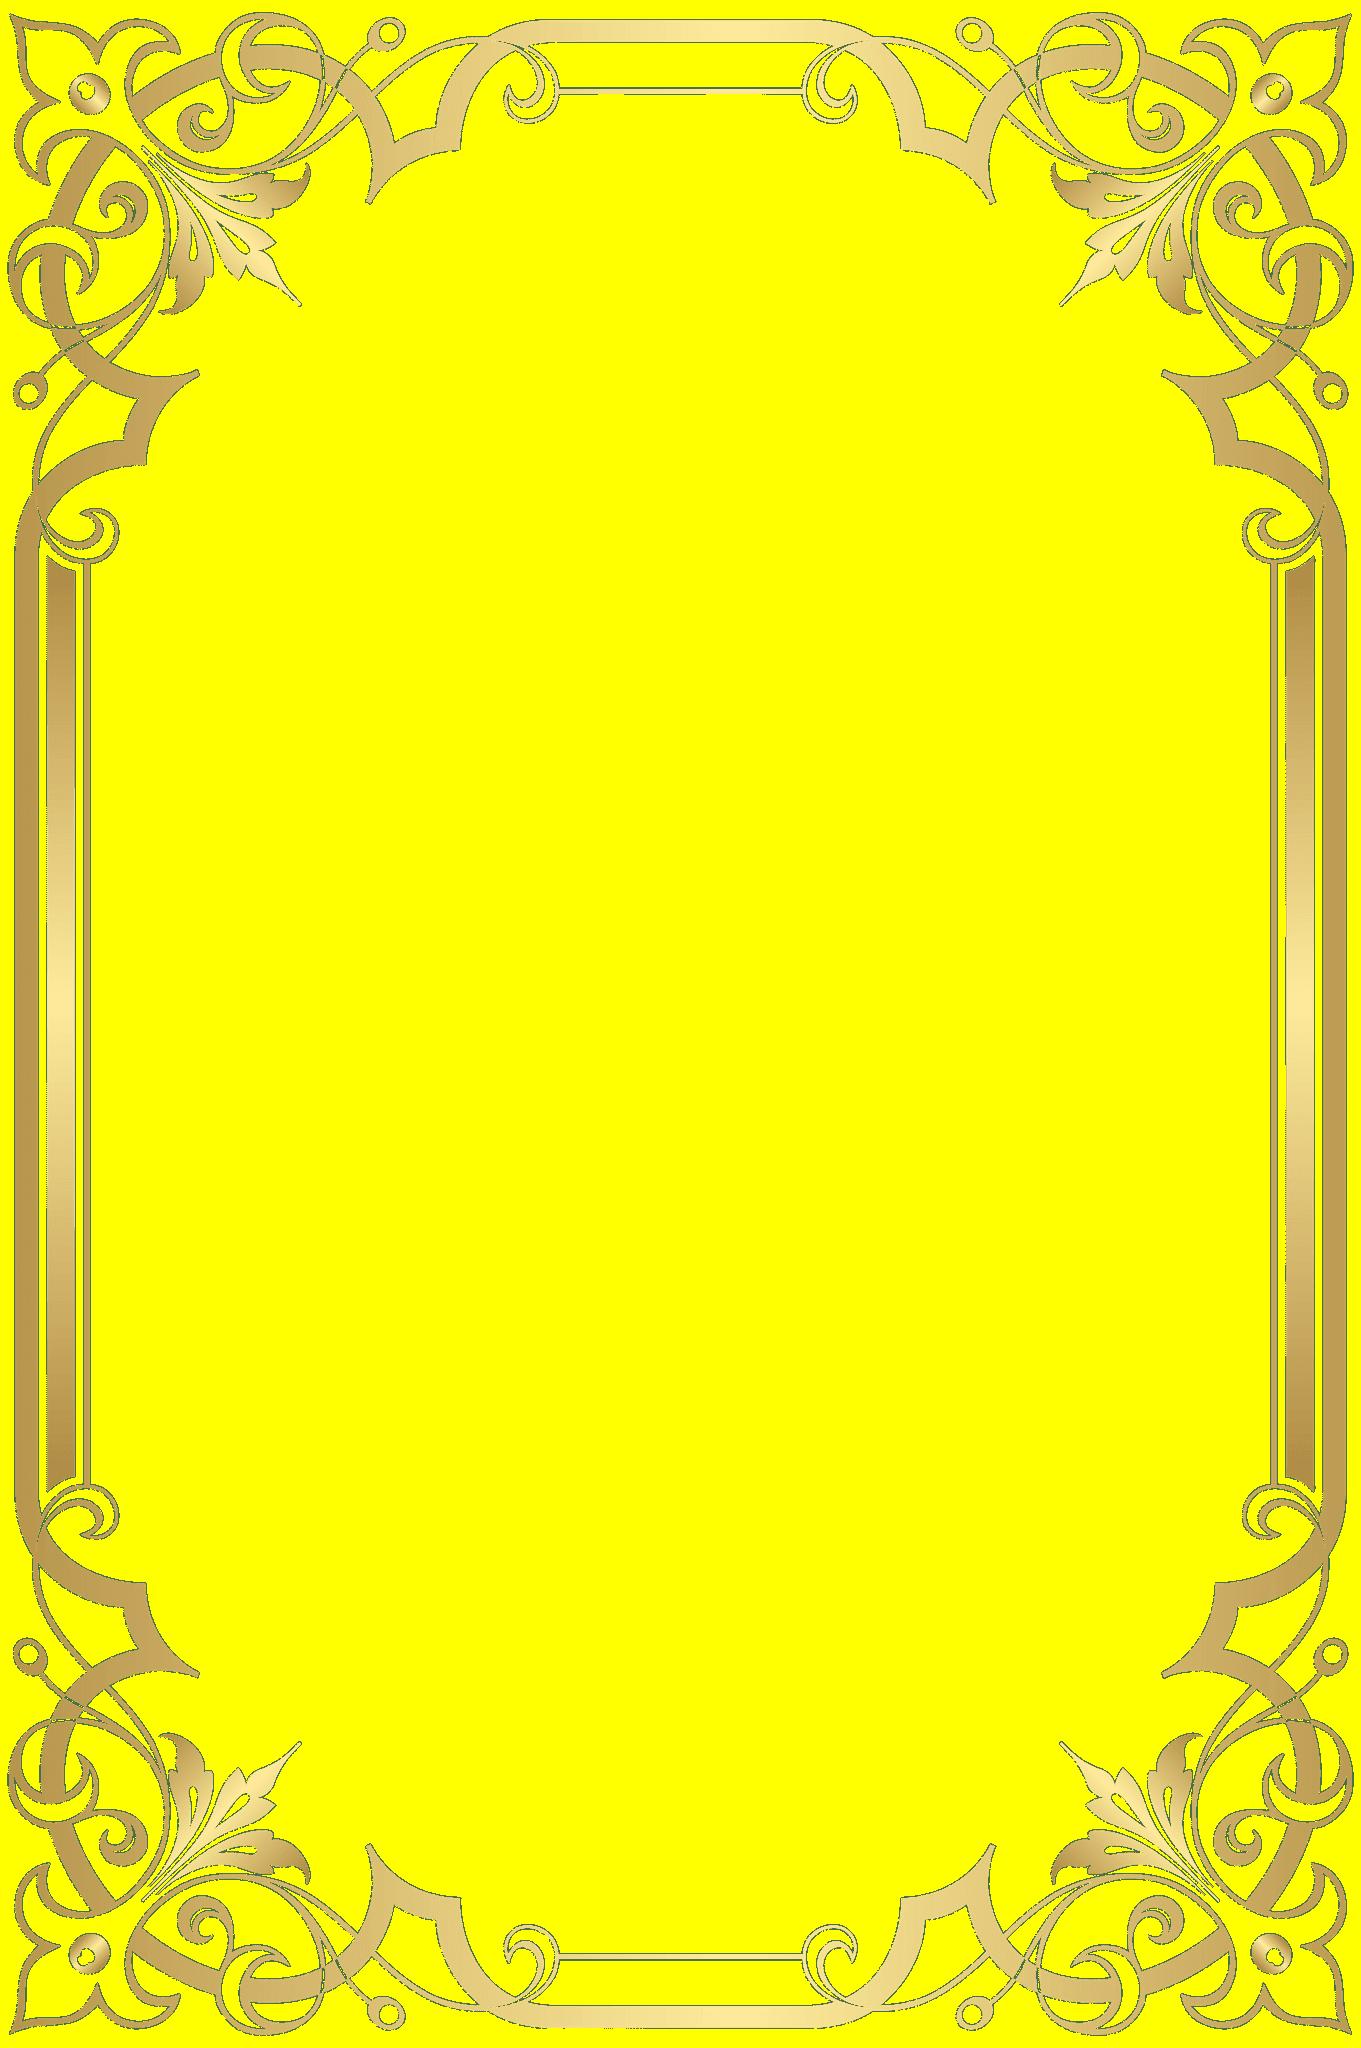 Gold Frame, Picture Frame - Photo Frame Transparent Image ...